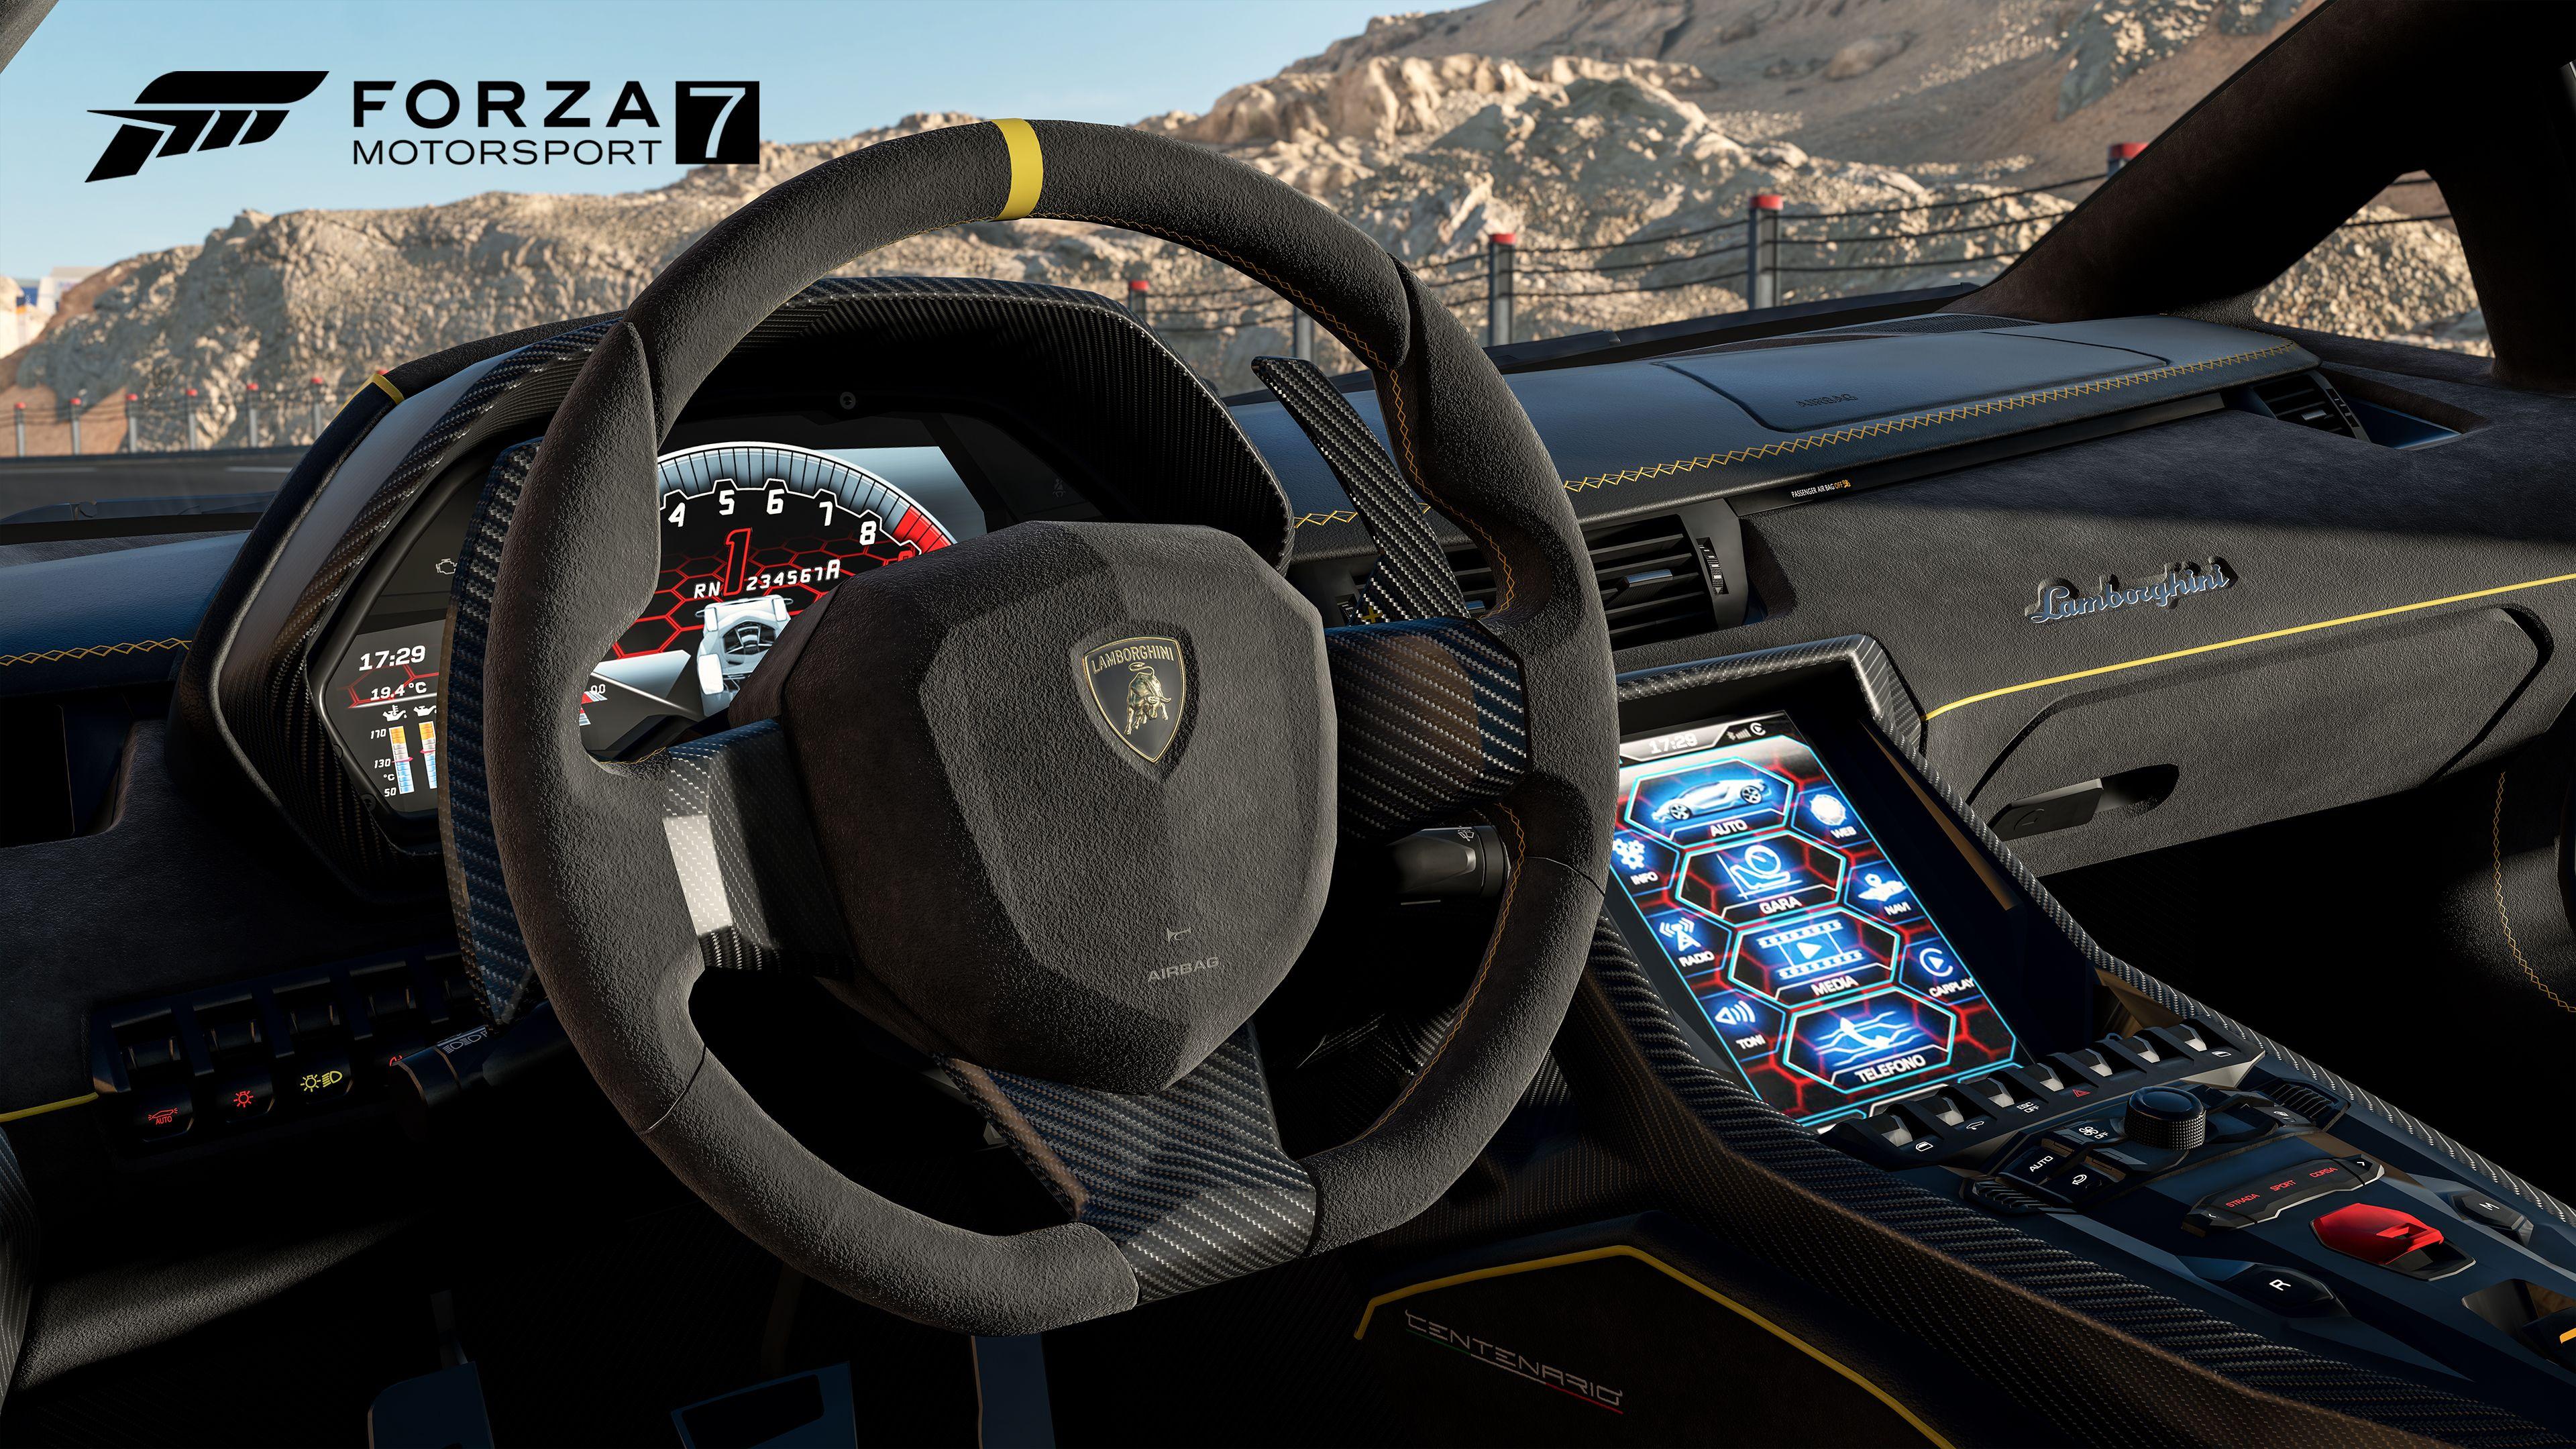 Forza Motorsport 7 - HW nároky, demo a obrázky 148635